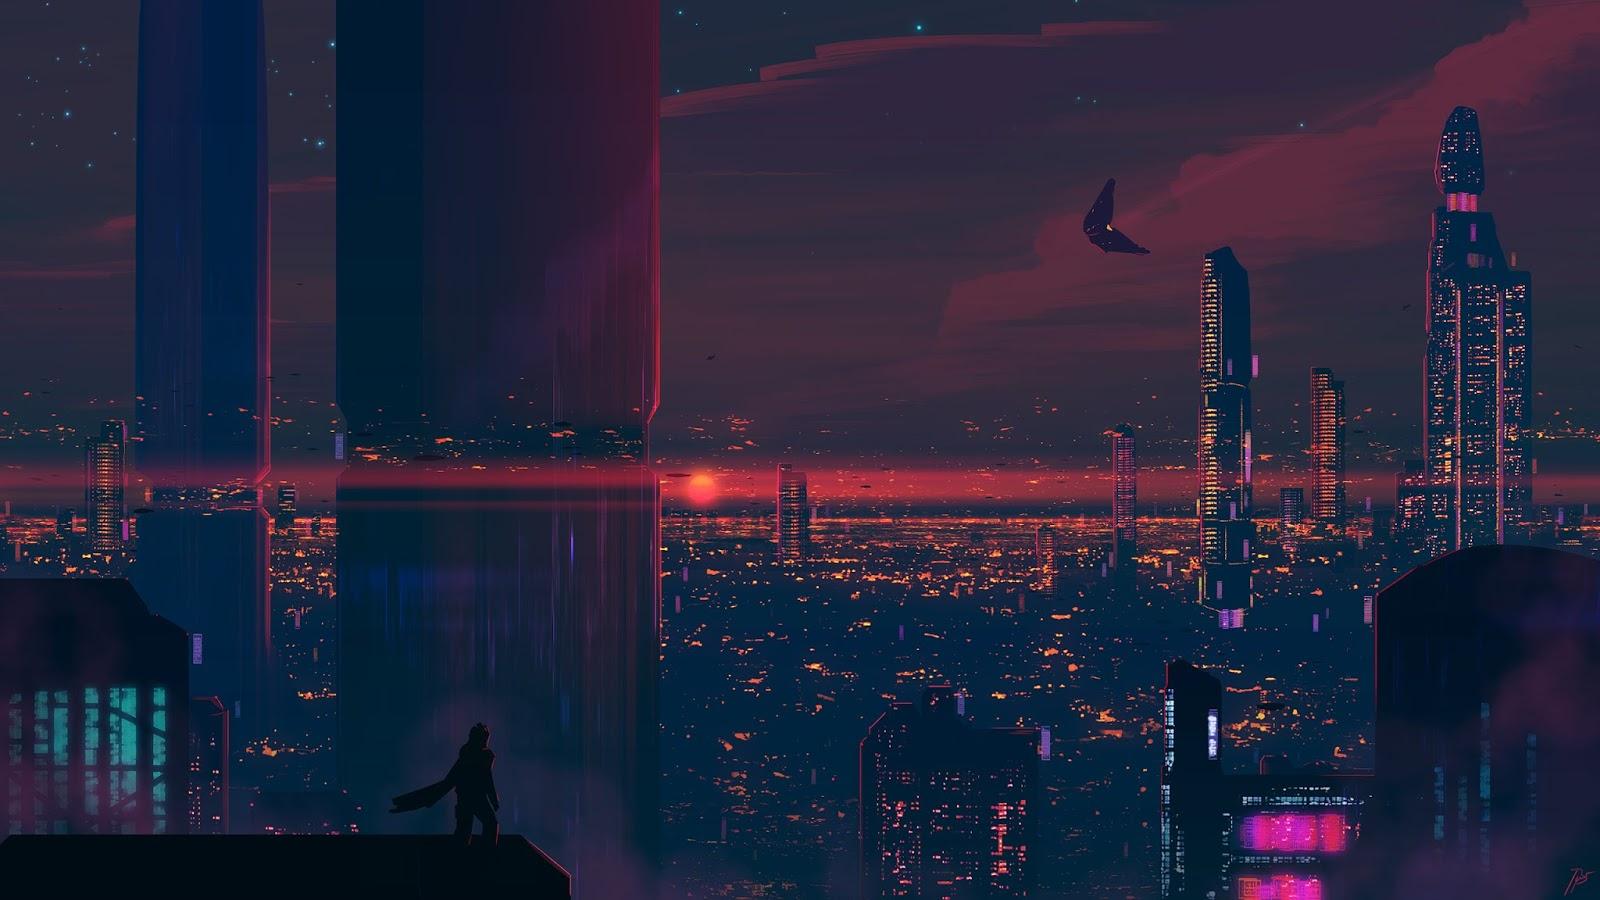 Wallpaper cyberpunk